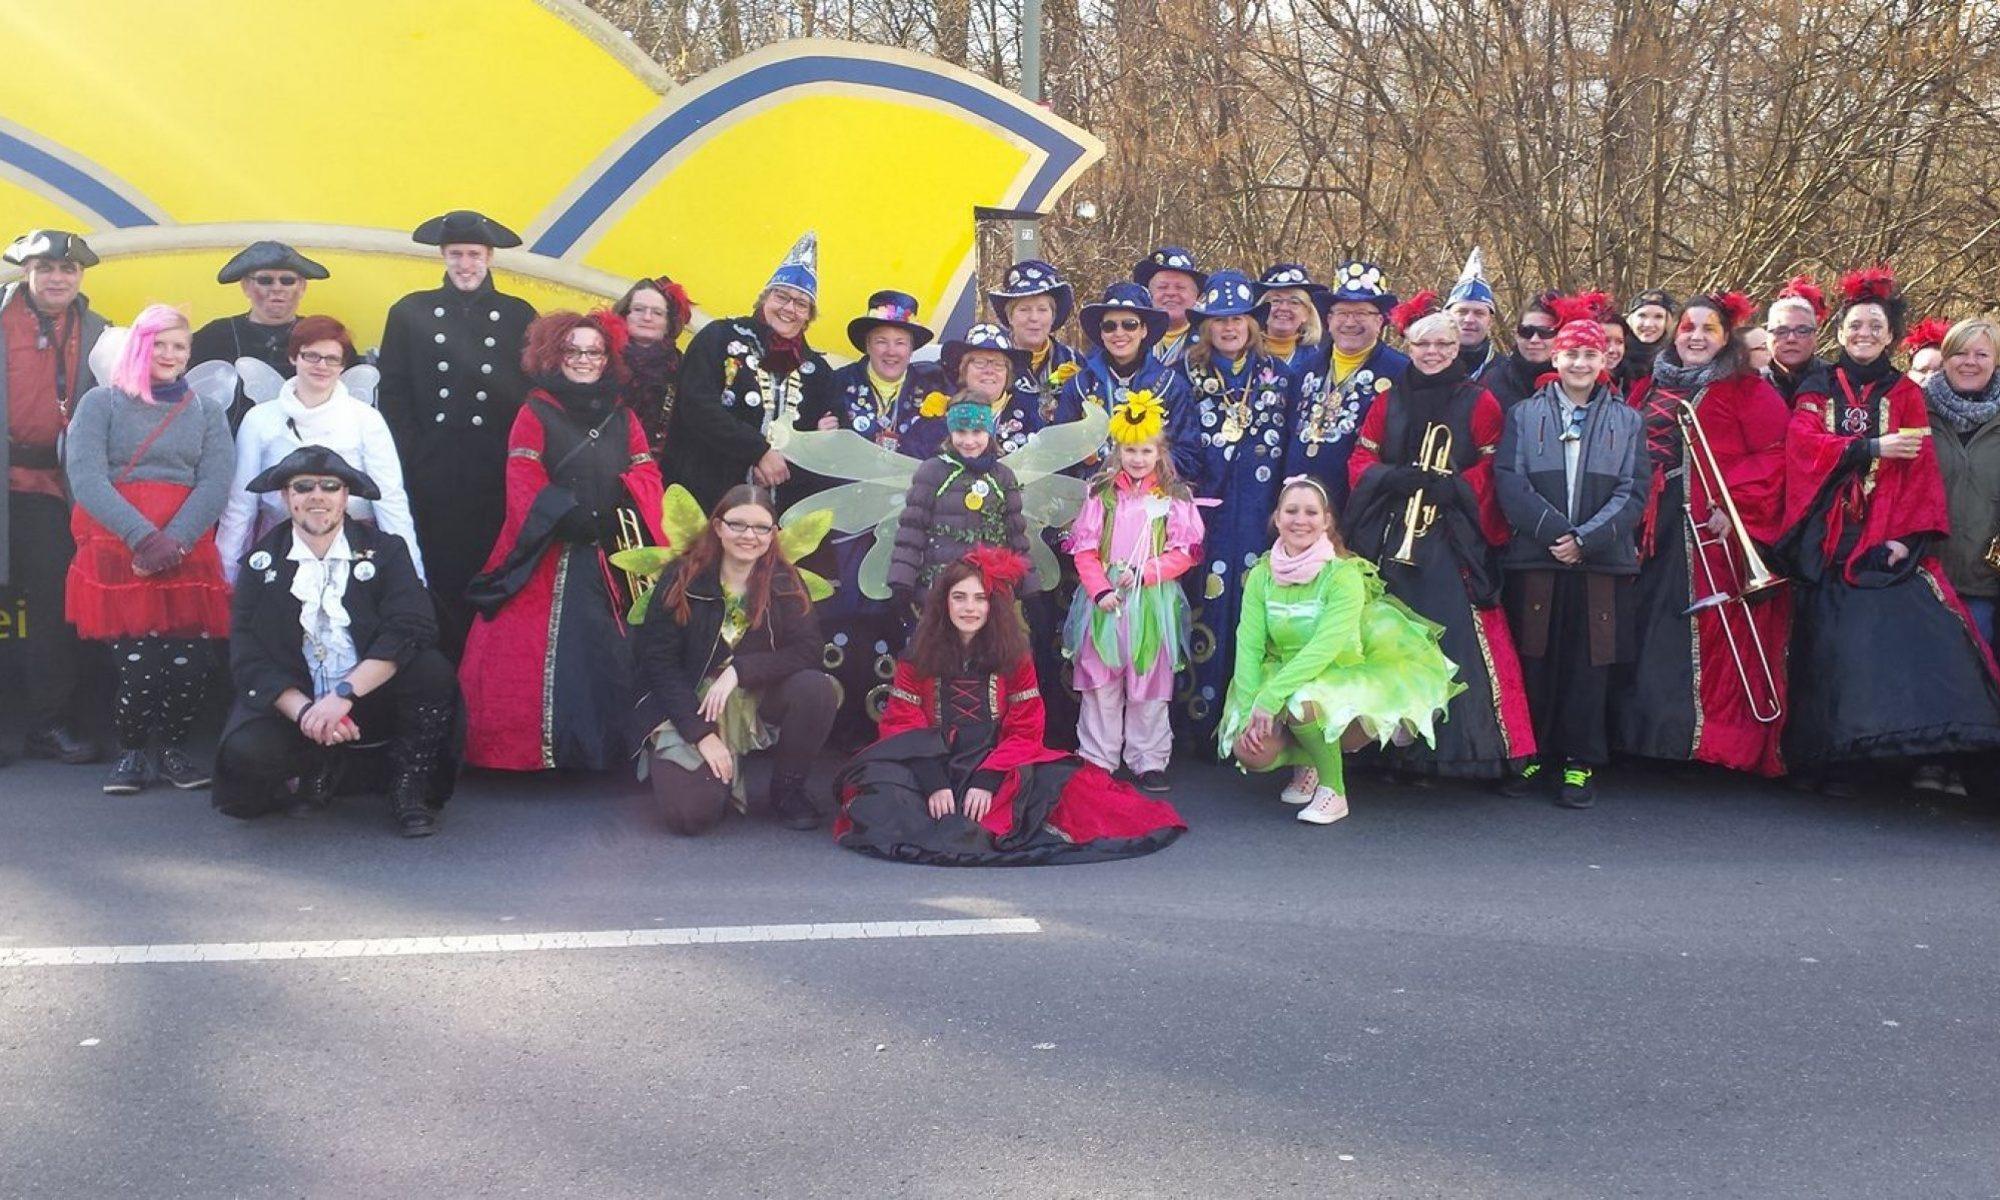 Mühlheimer Karneval Verein e.V.